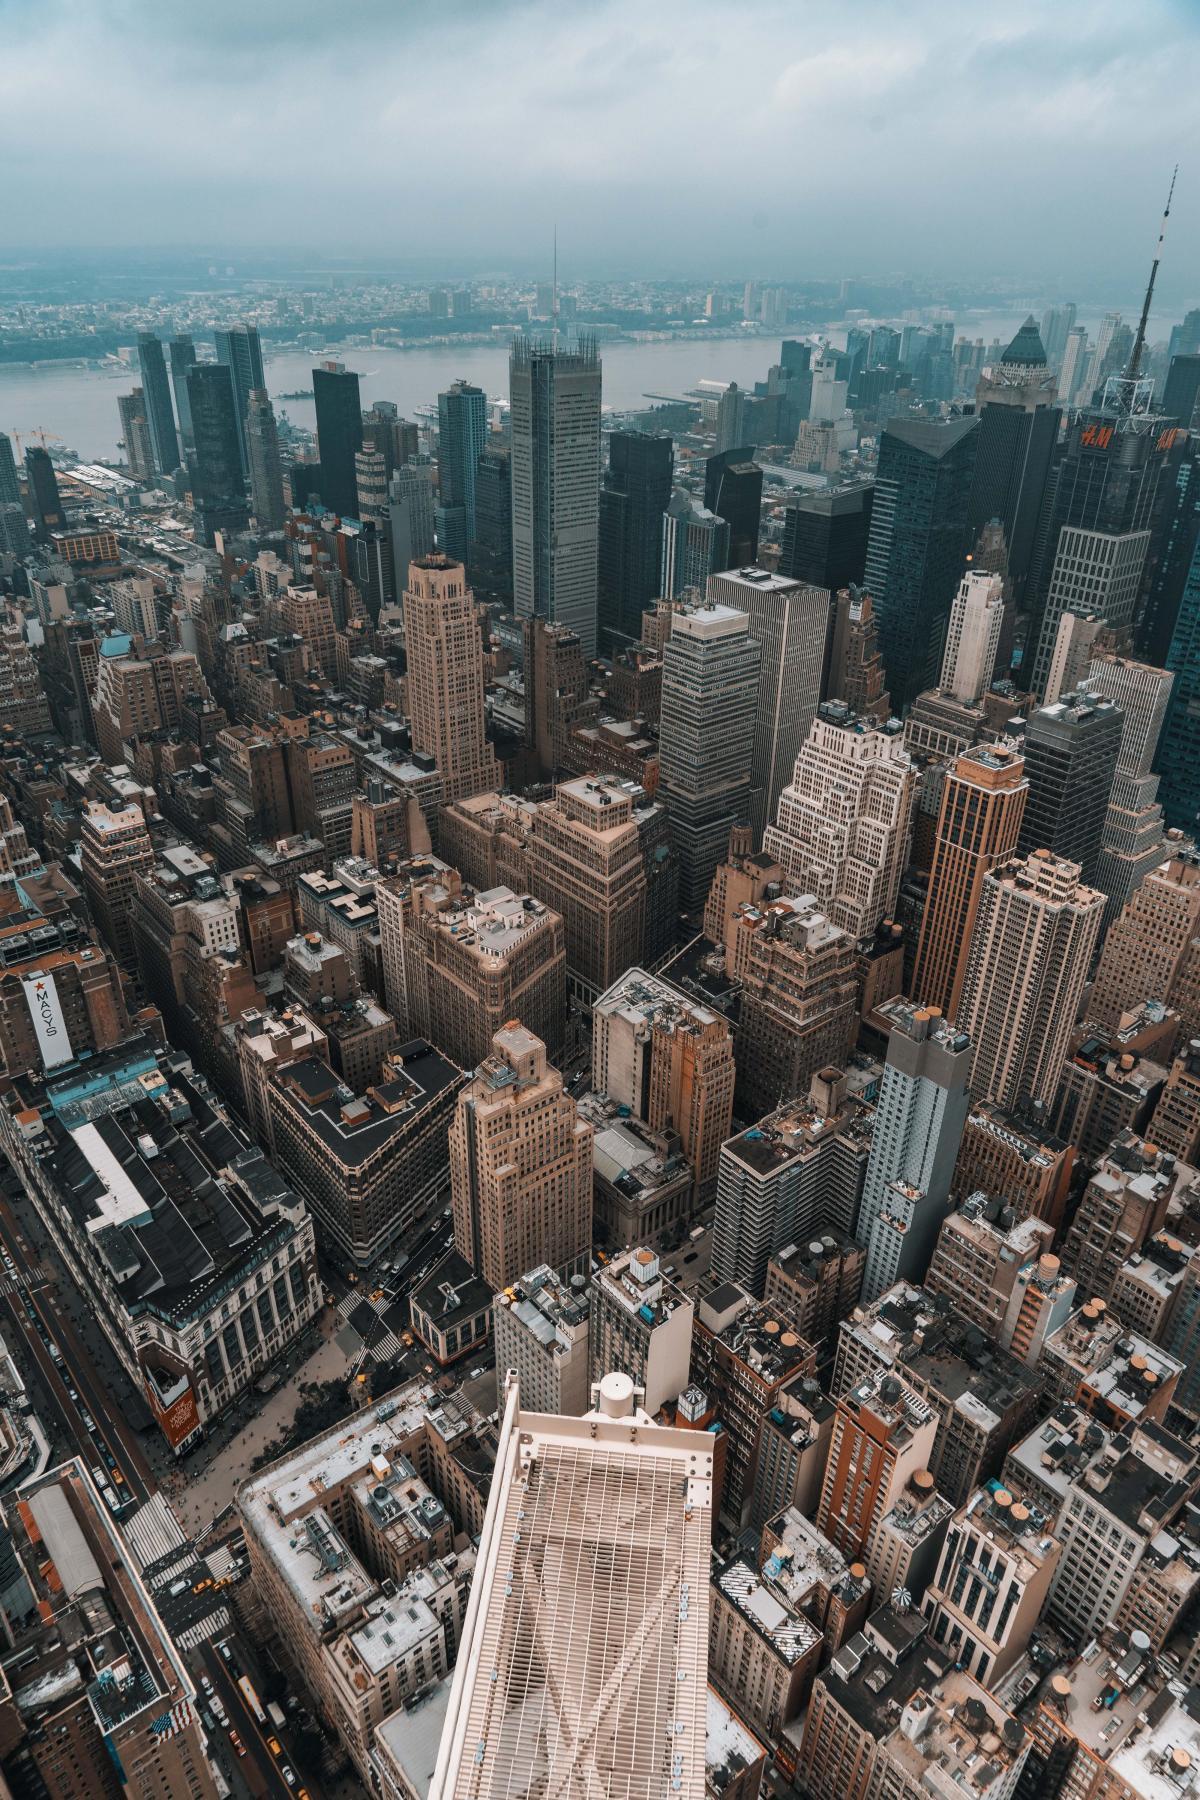 Skyscraper City Skyline #421194